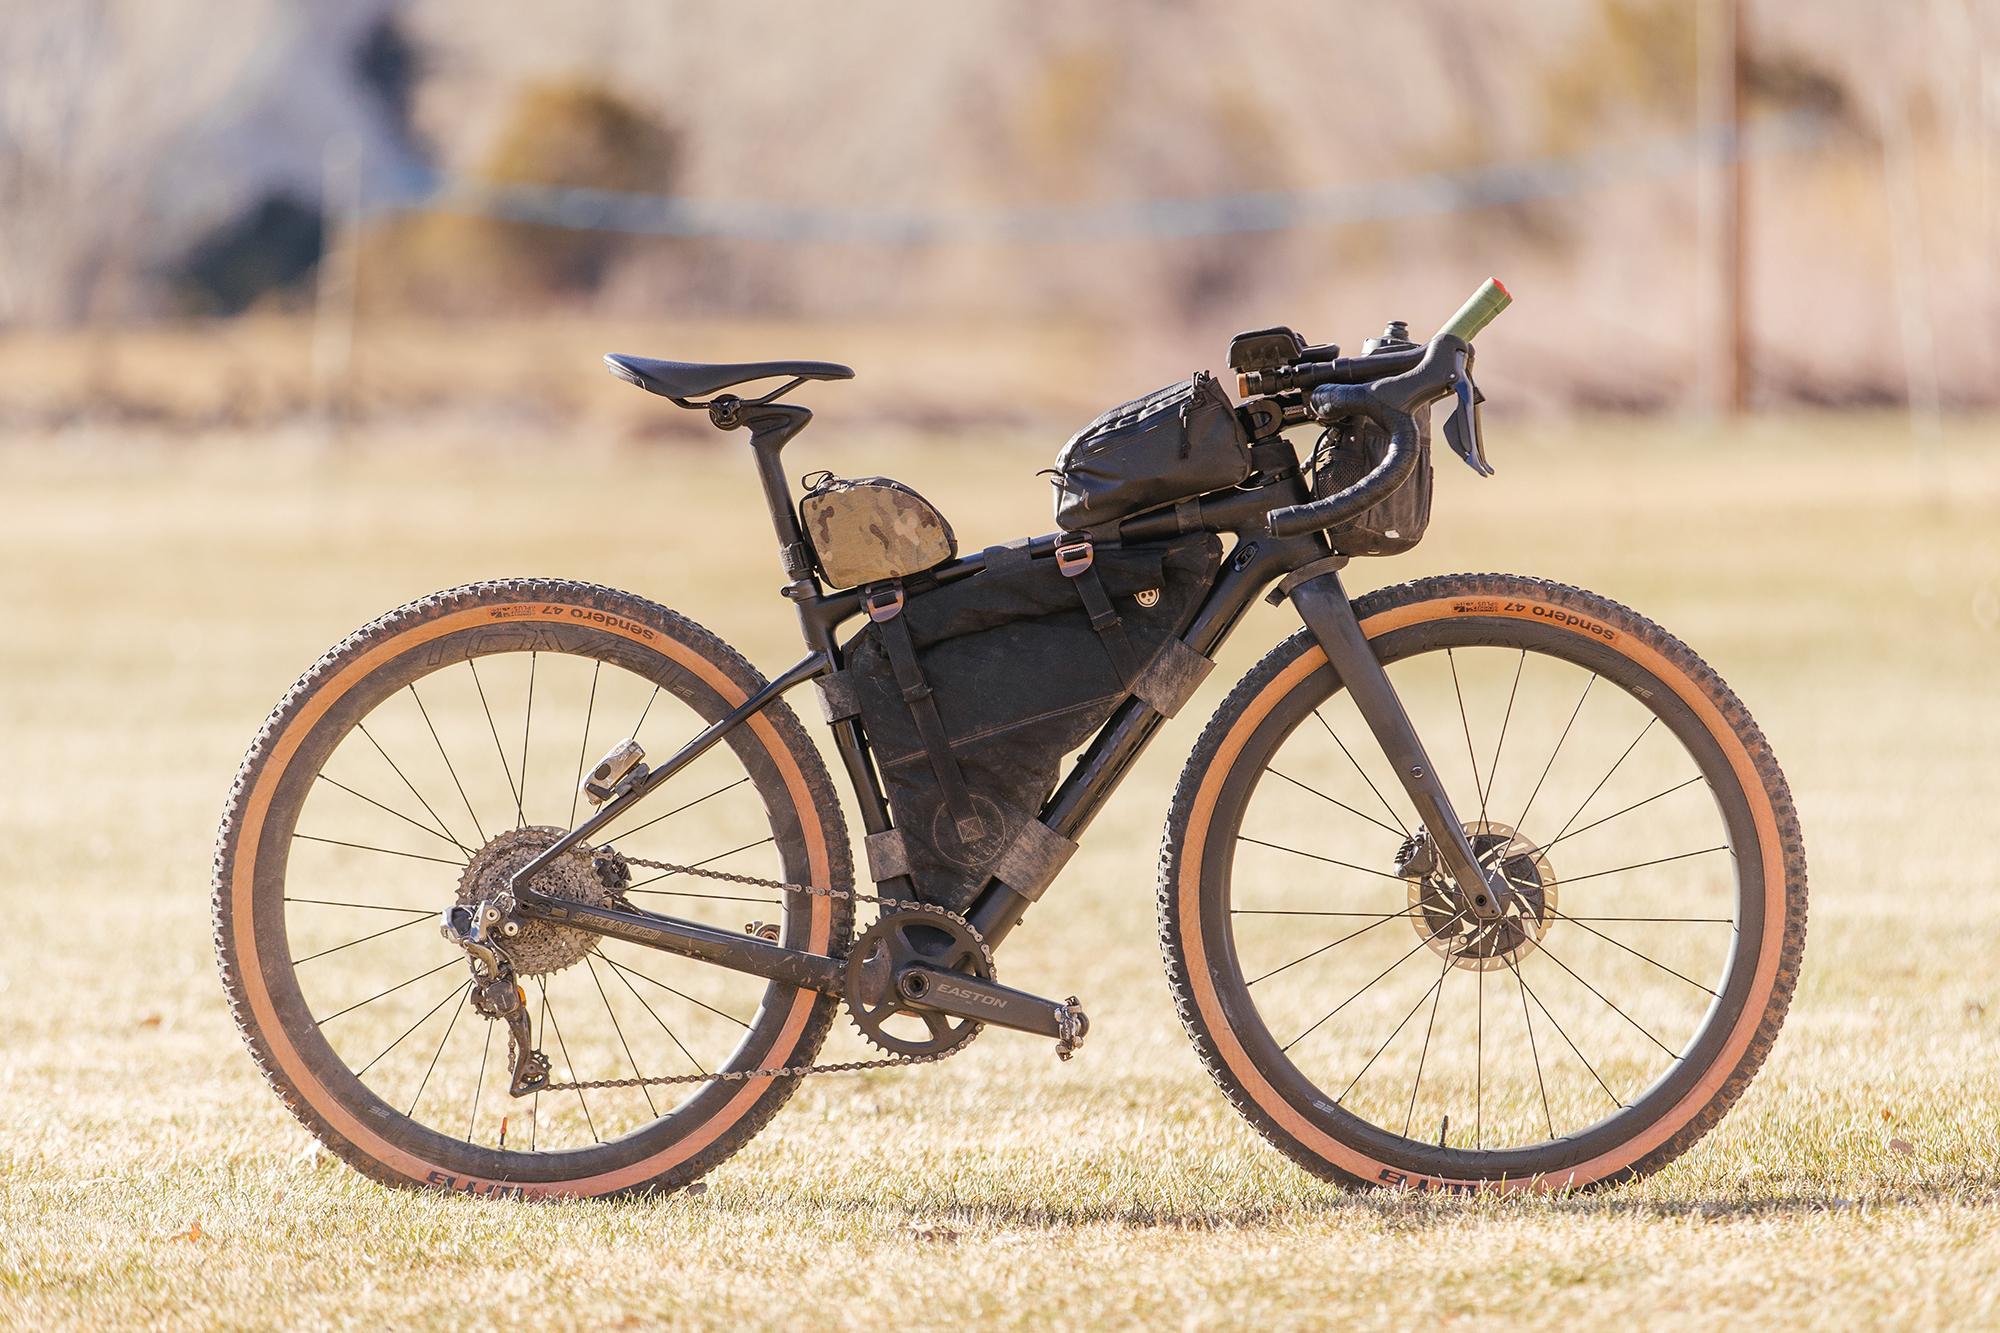 Sarah's bike